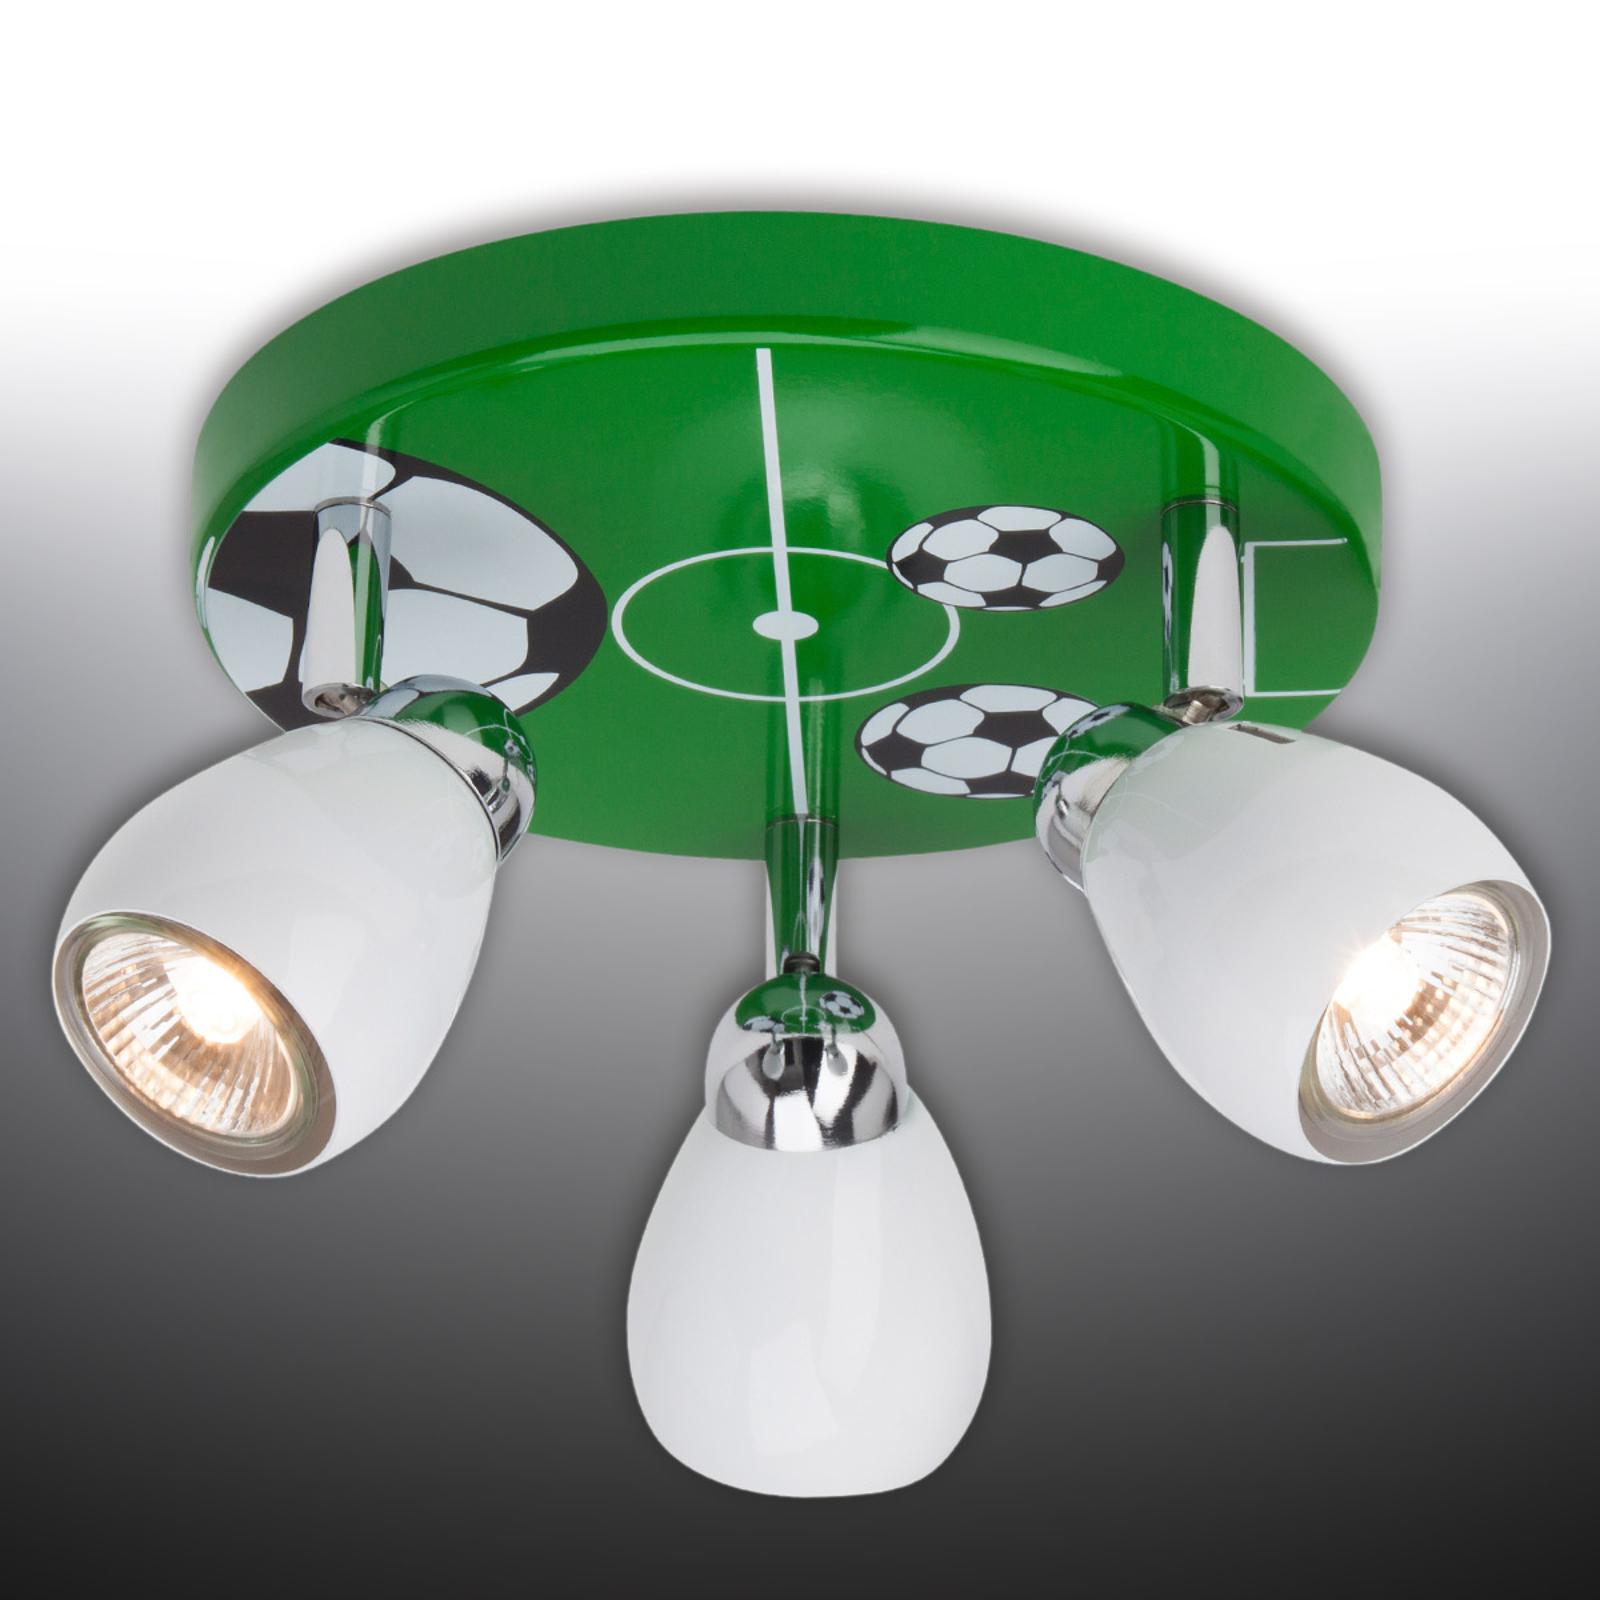 Soccer LED-loftlampe med 3 lyskilder